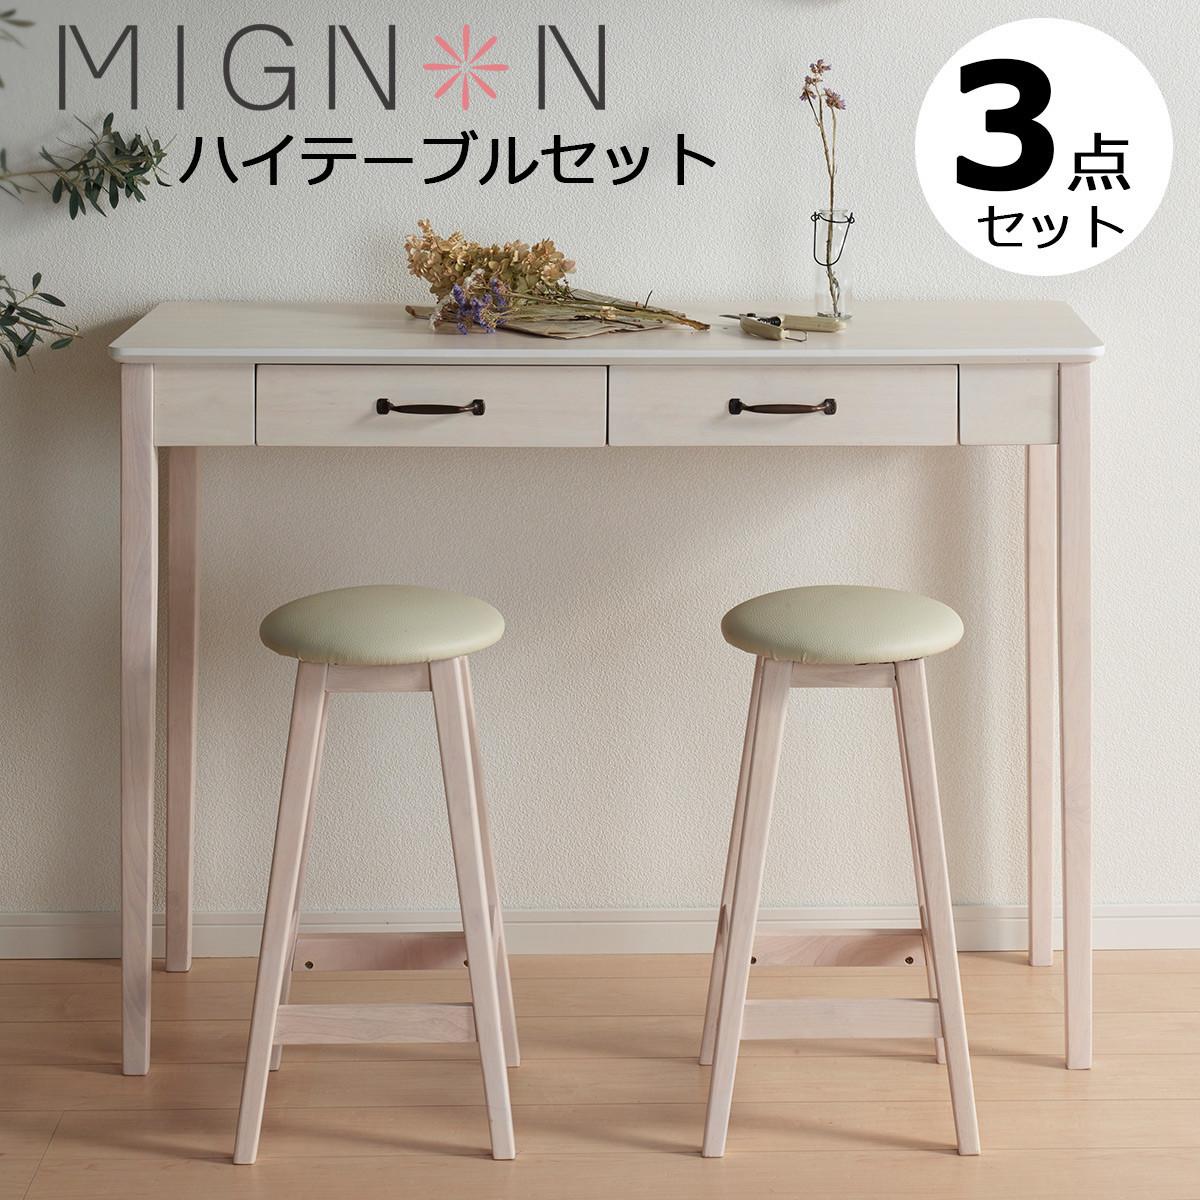 【5%ポイント還元】ミニヨンハイテーブルセット スツール付 ホワイトウォッシュ キッチンカウンター MIGNON-HTS120 作業台 机 テーブル カントリー アンティーク 天然木 木製 かわいい おしゃれ